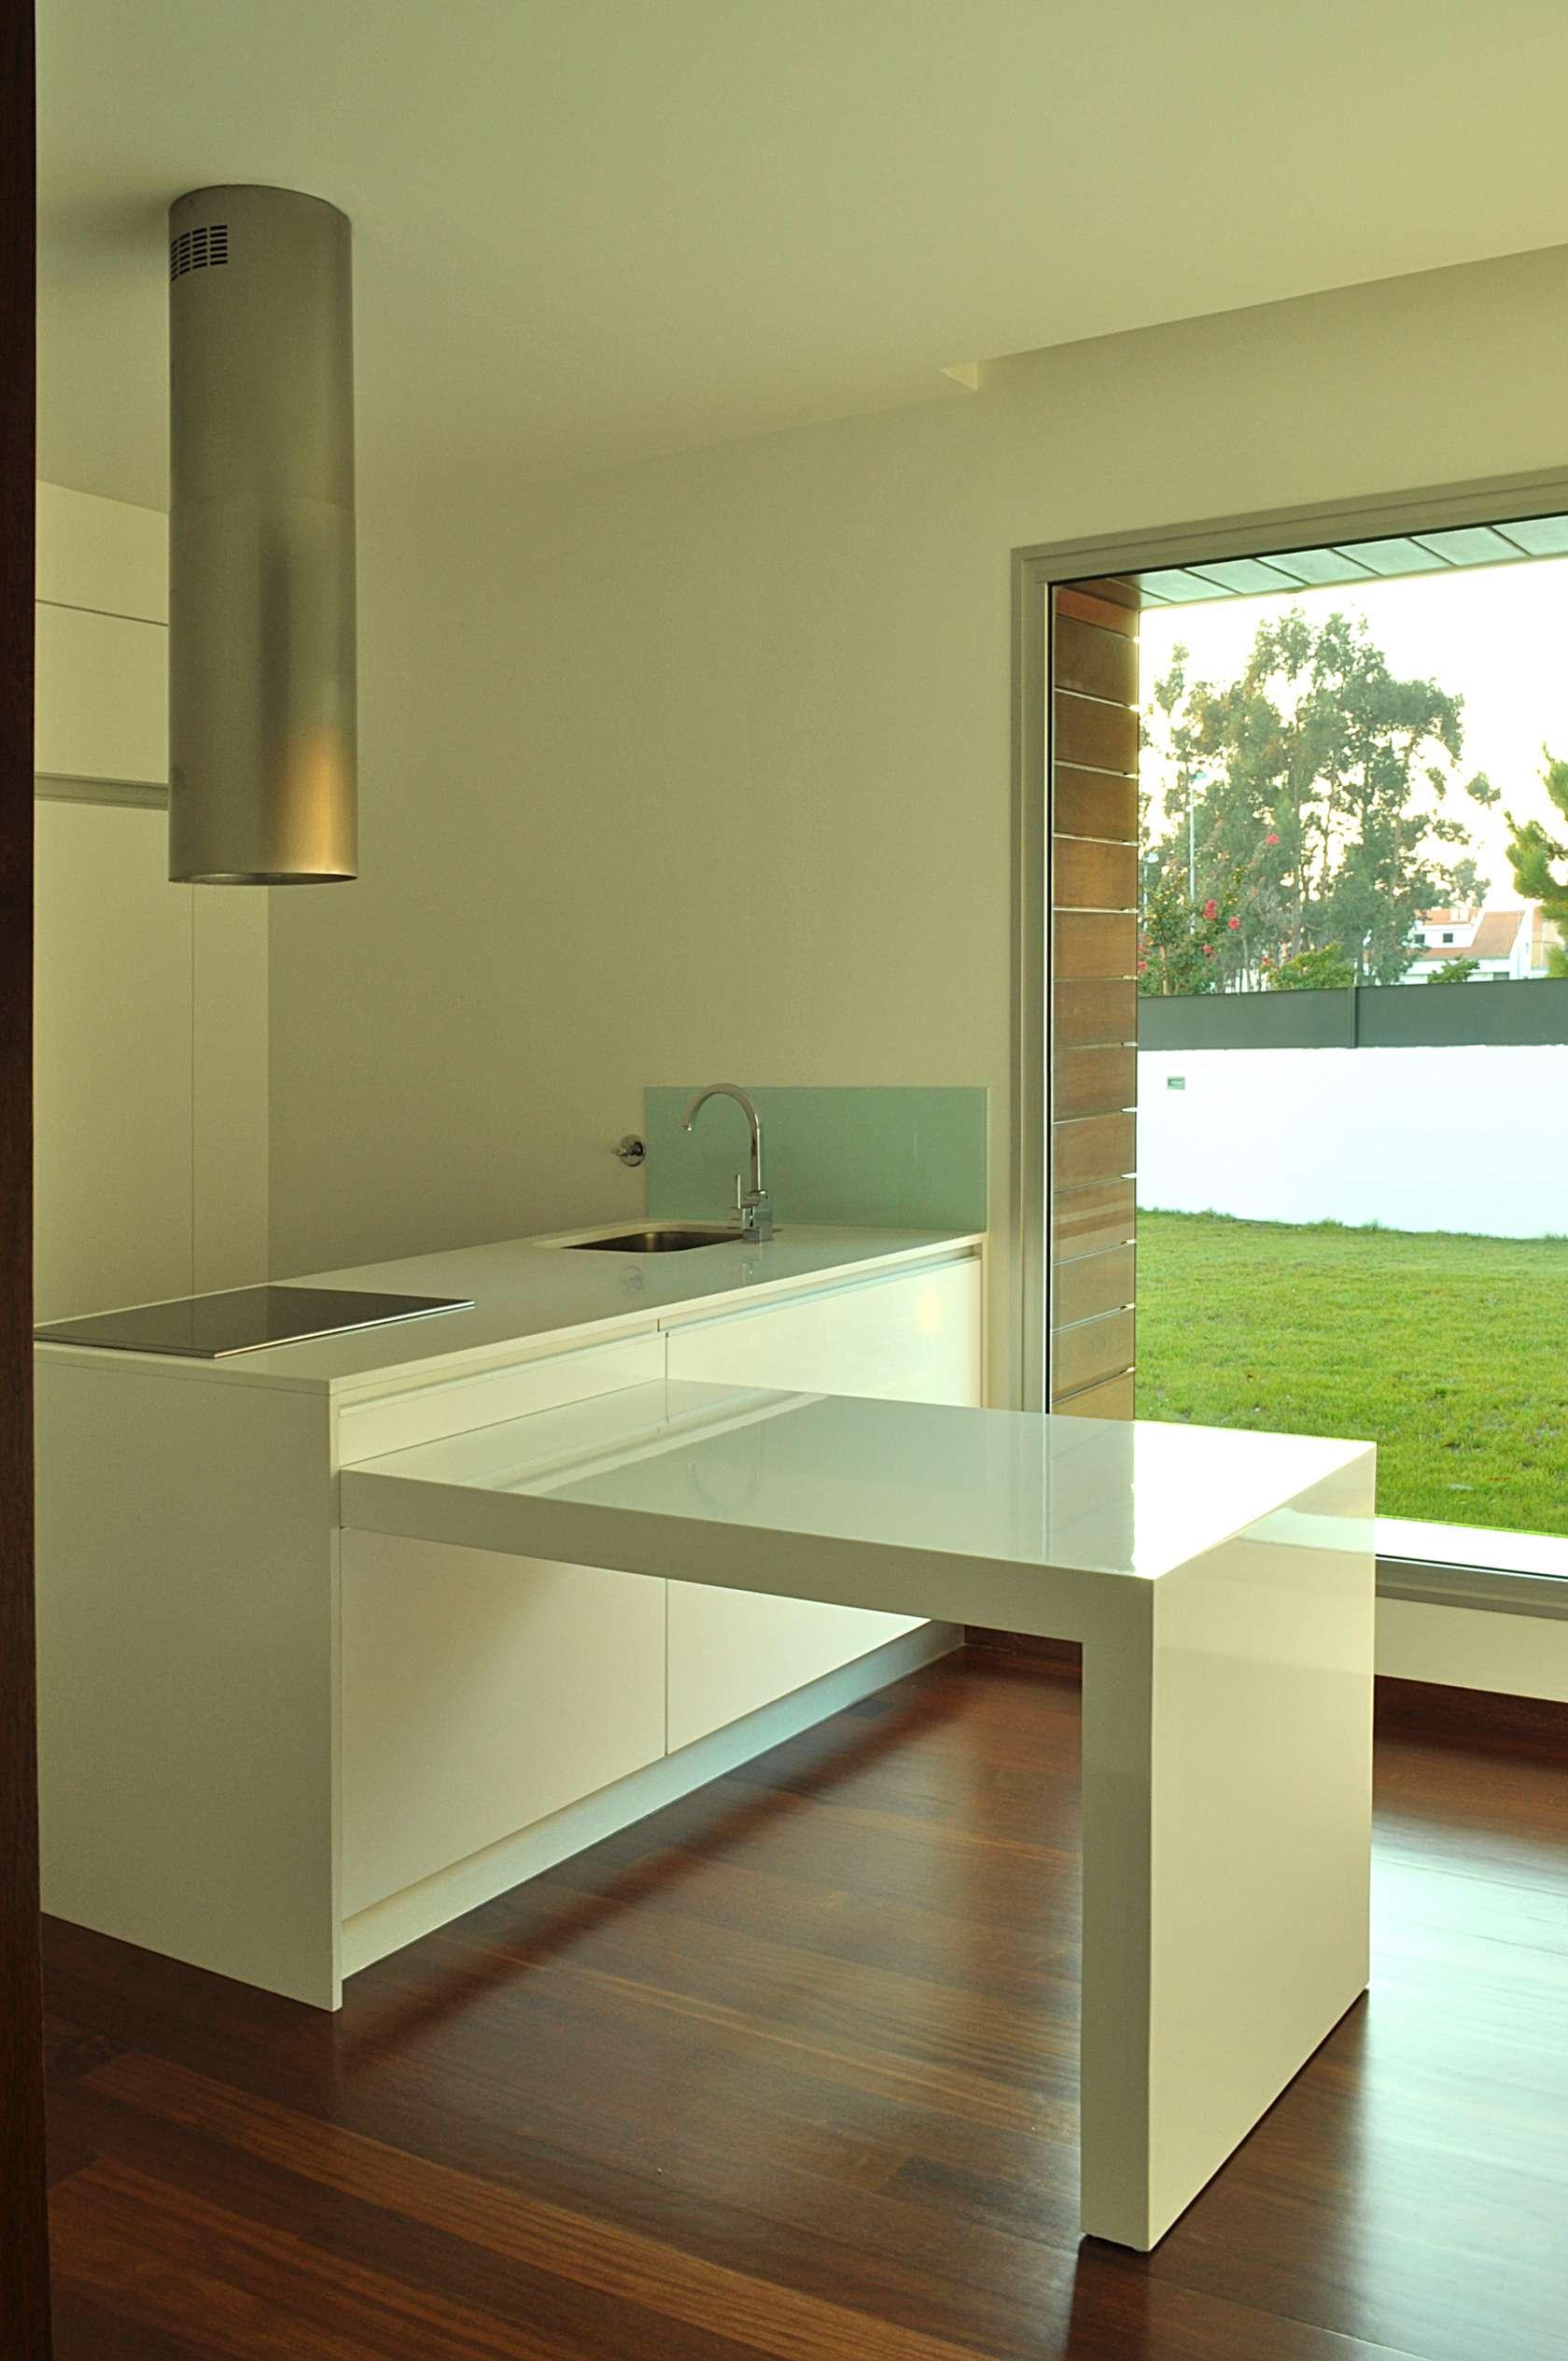 Dise o de casa cuadrada de dos pisos con planos y fachadas for Fachadas de cocinas